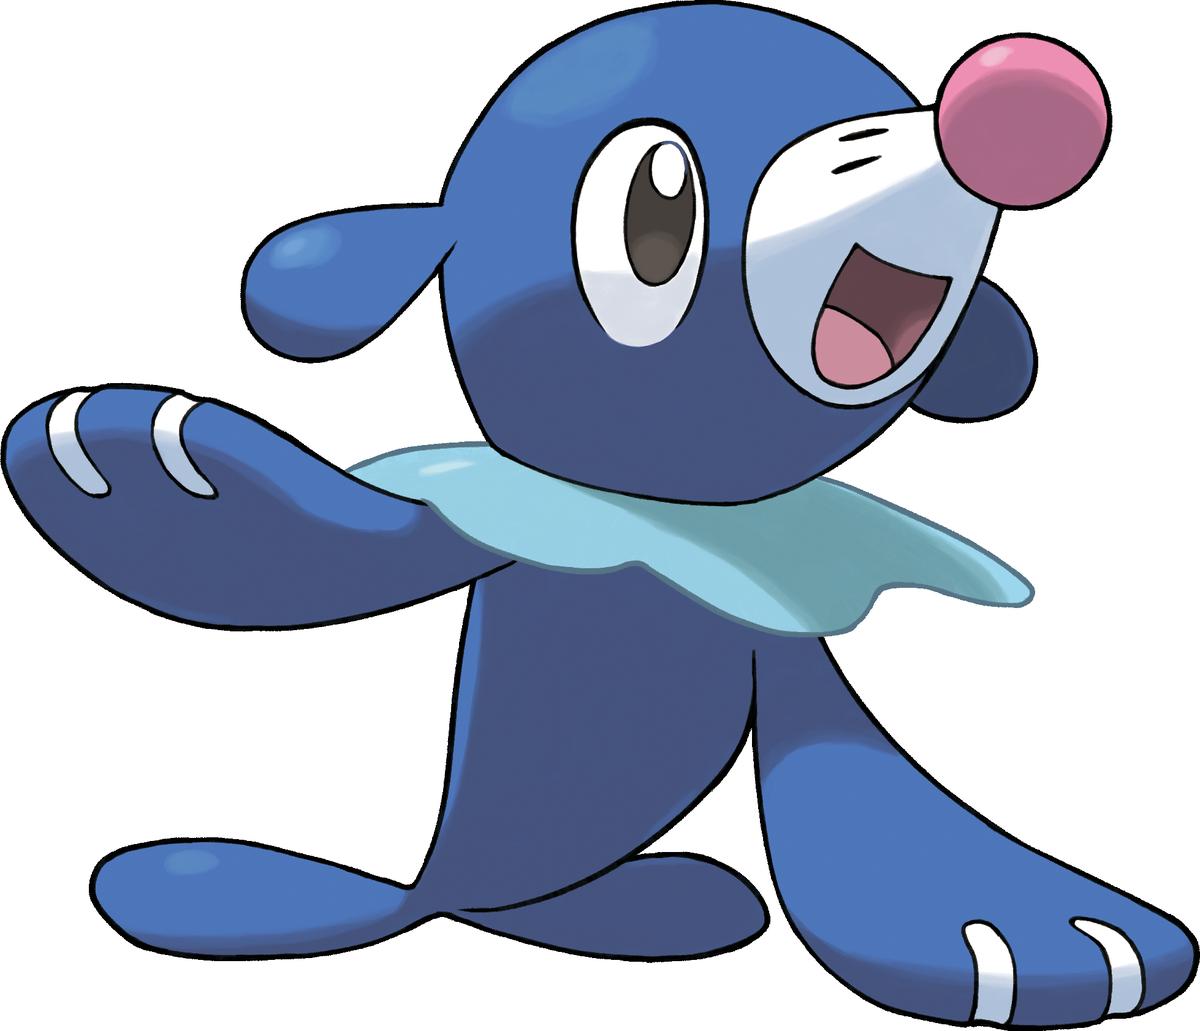 Videojuego >> Pokémon Sol y Pokémon Luna (23 de Noviembre) CiGCVIMWEAAIEwJ